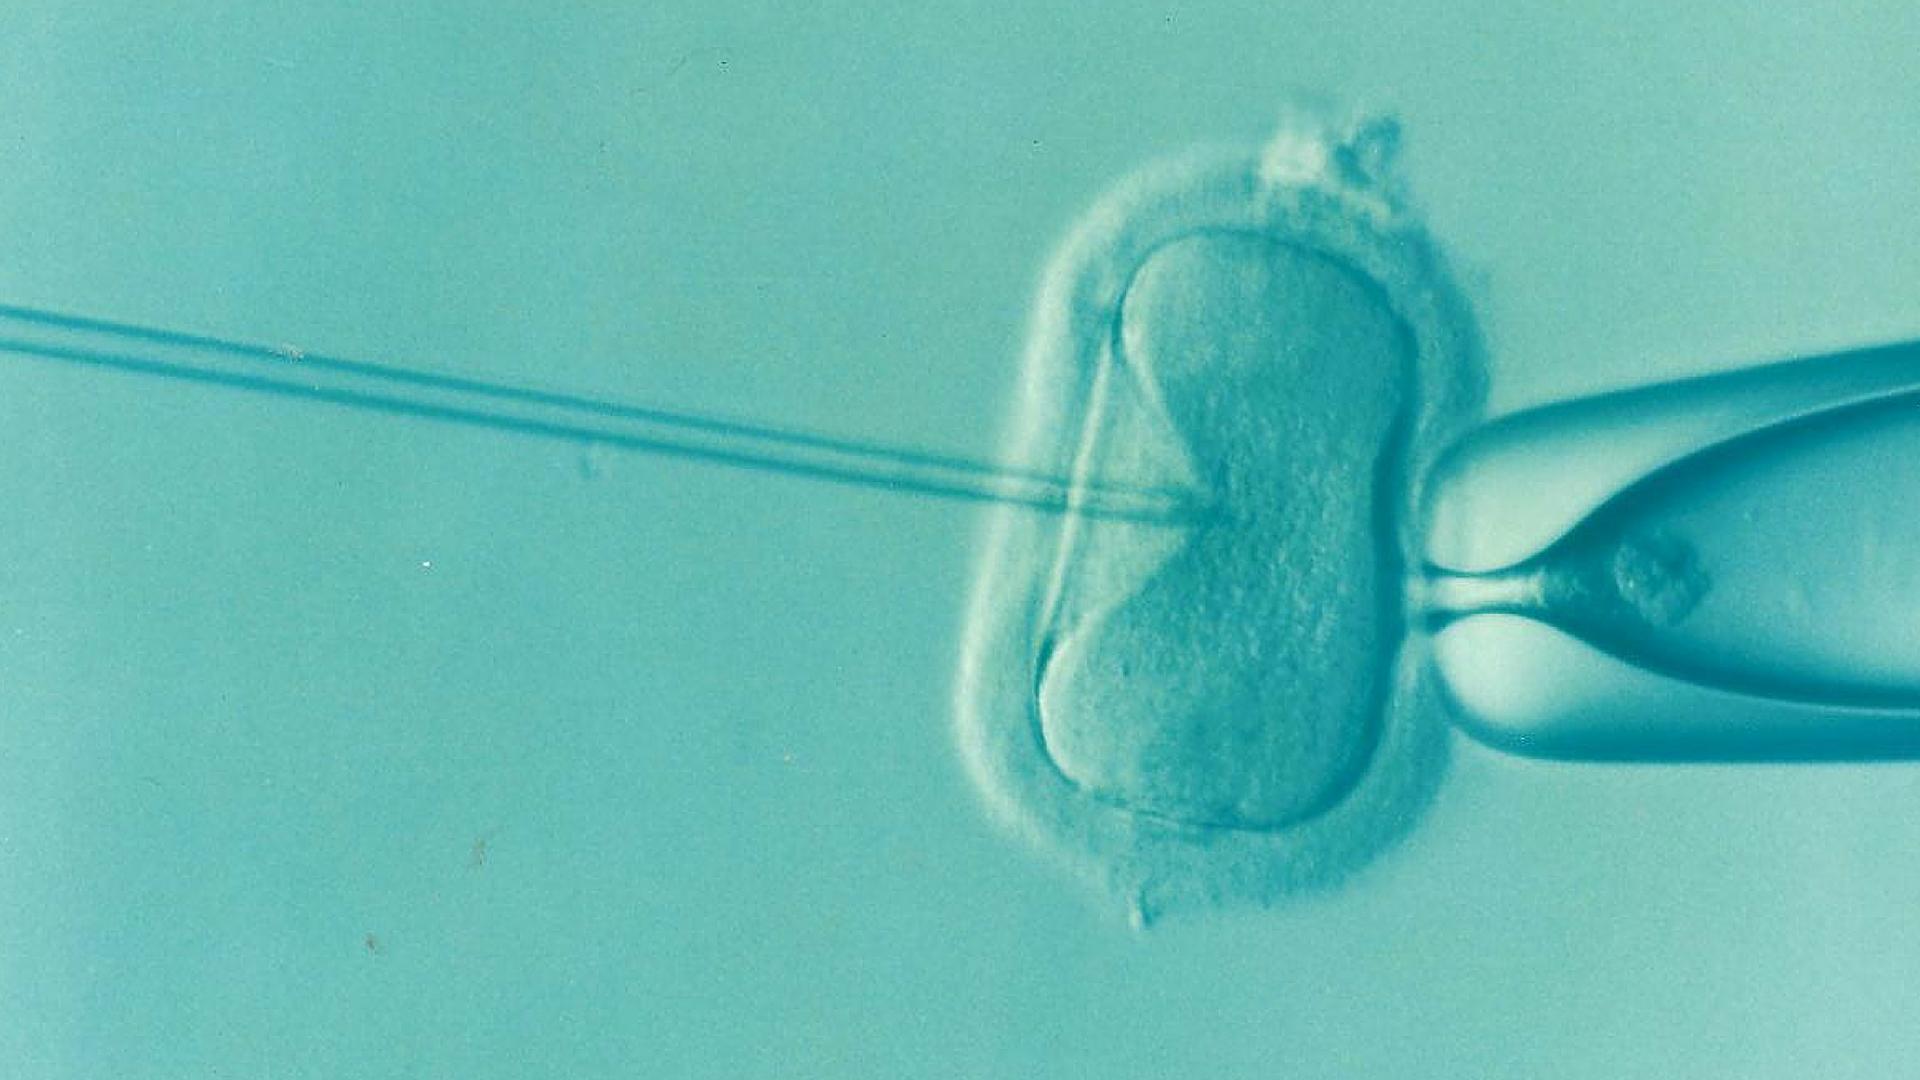 Image de FIV-ICSI. L'ovule est maintenu en place tandis qu'une aiguille le pique pour injecter le noyau d'un spermatozoïde